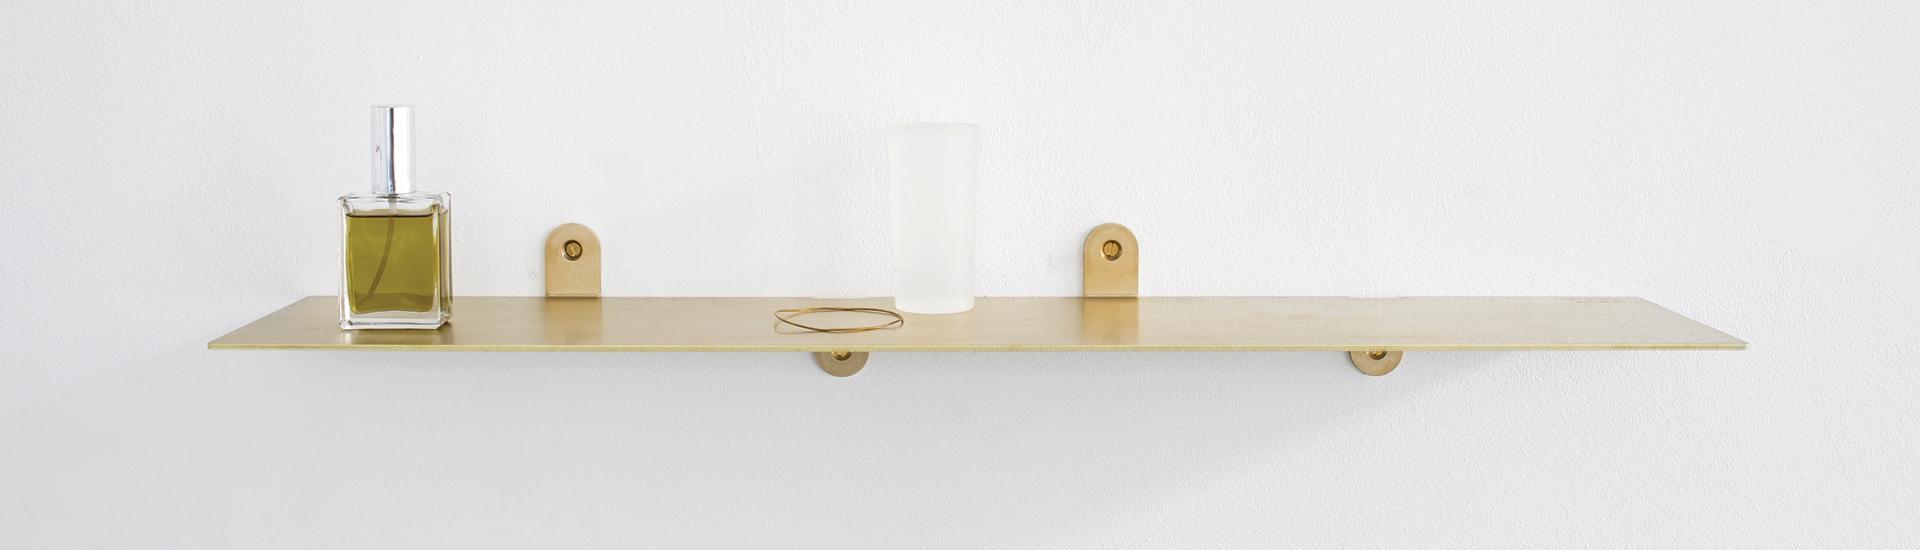 shelf n°2 by Muller Van Severen